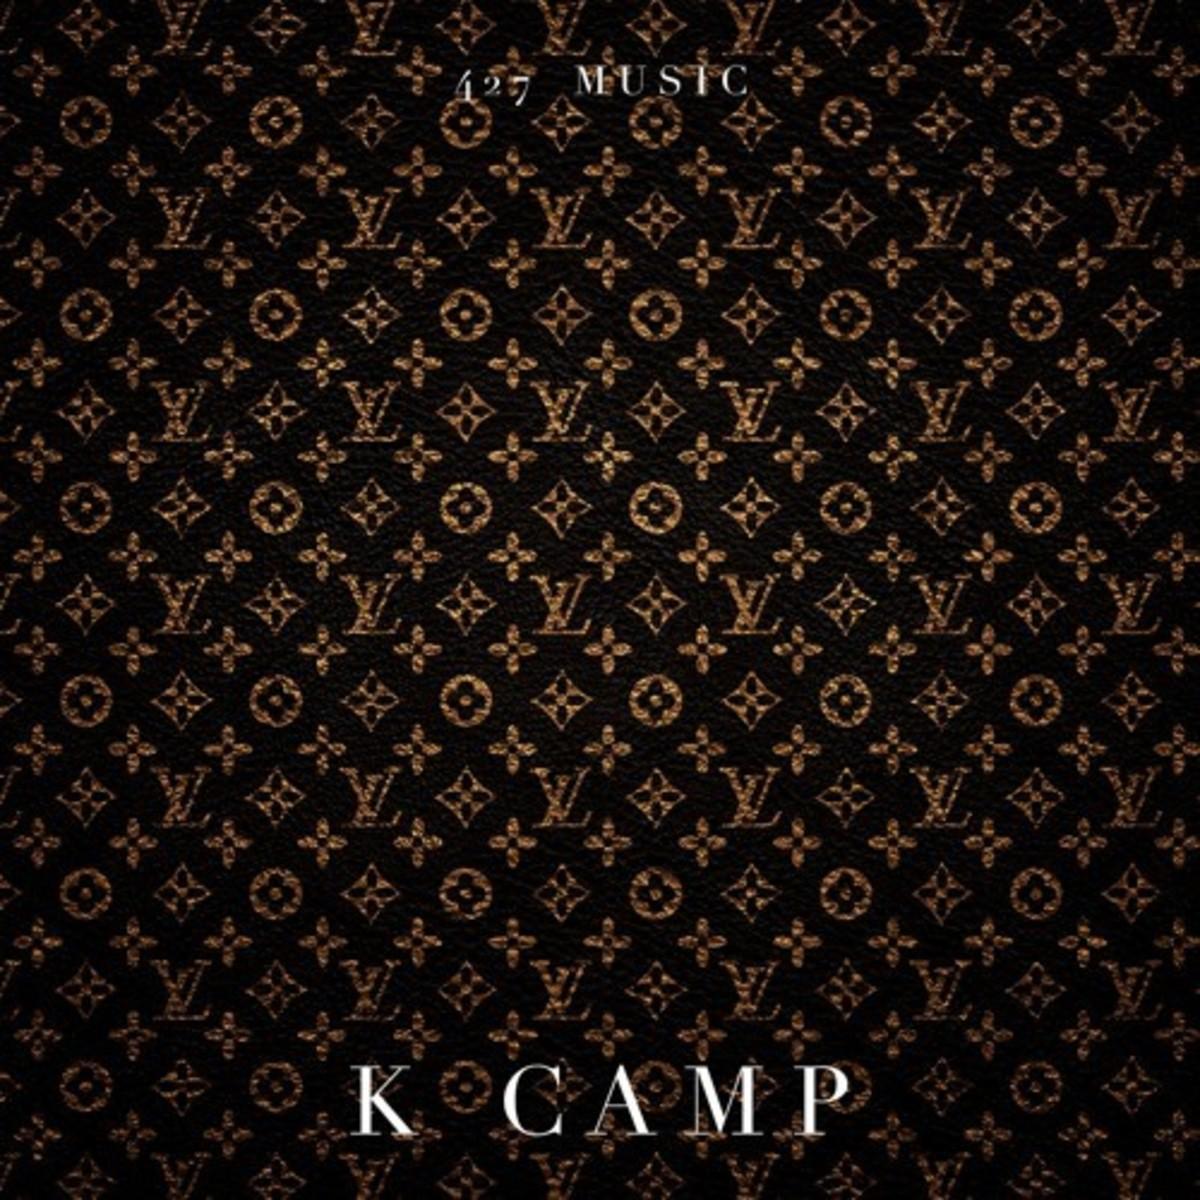 k-camp-lv.jpg